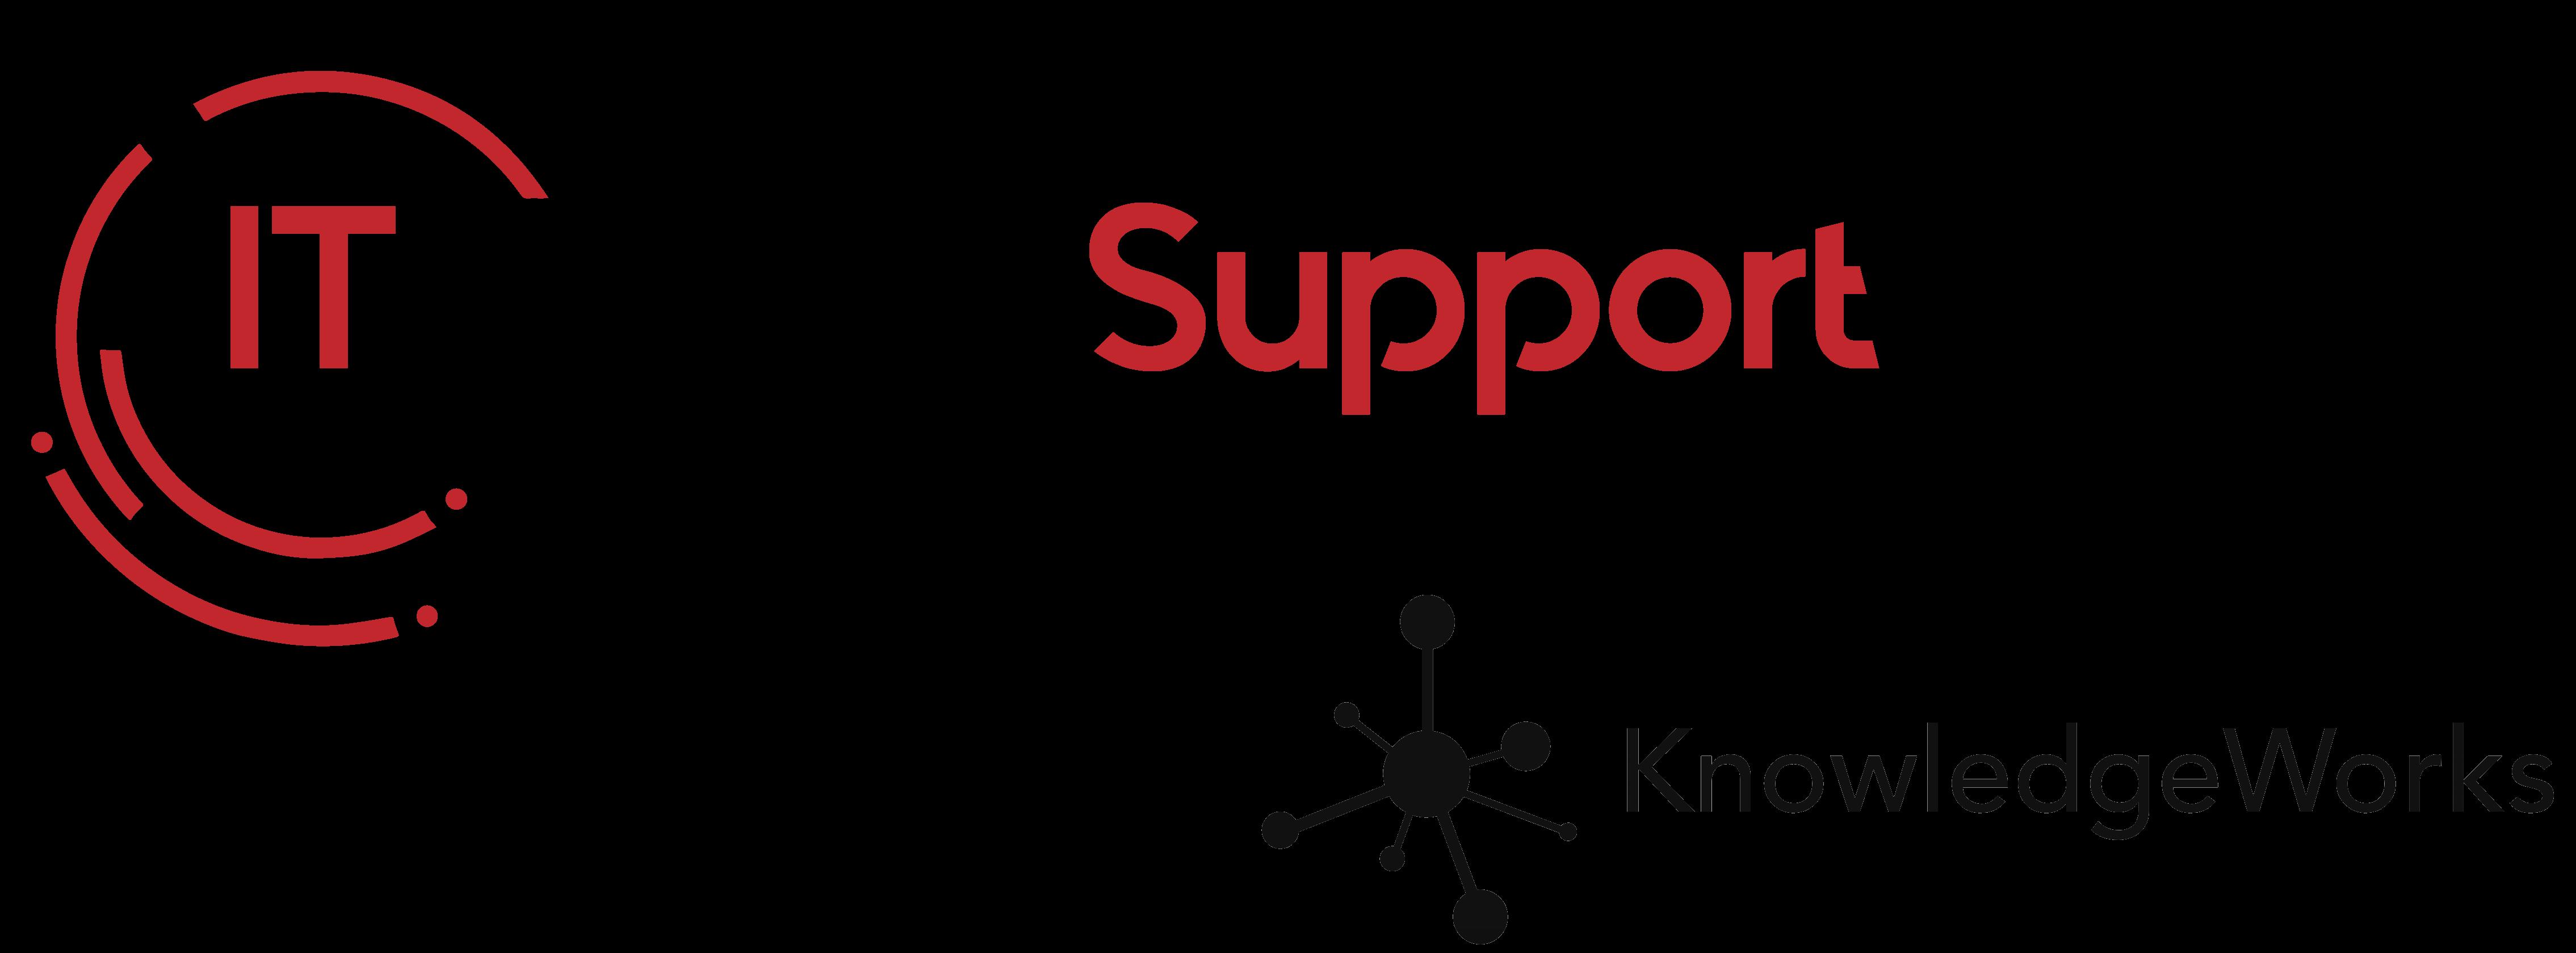 ITProjectSupport.com